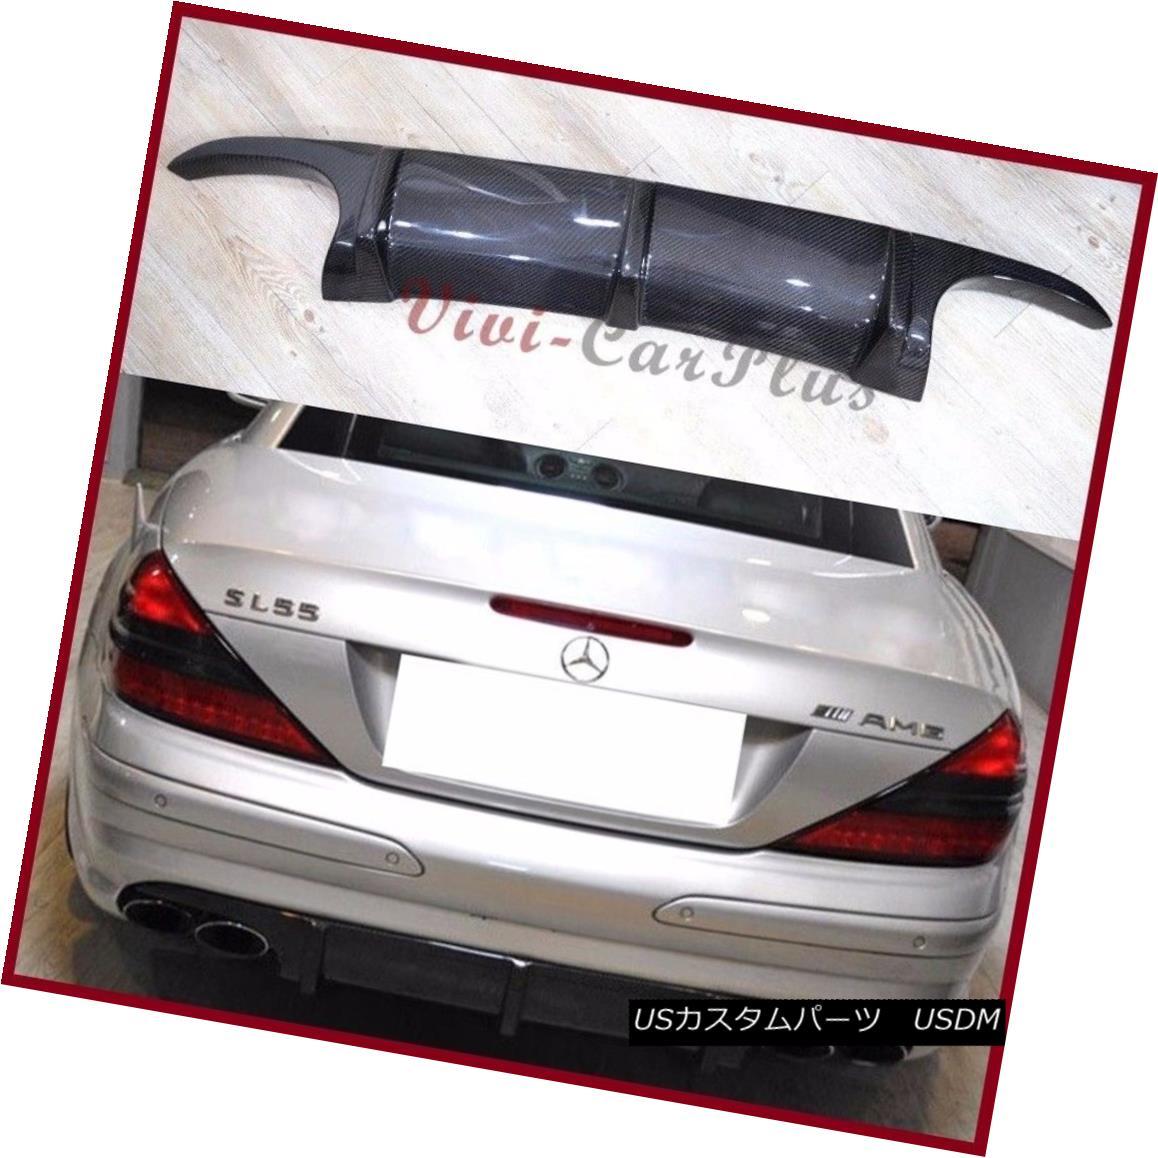 エアロパーツ Fit 03-09 Benz R230 Sporty SL55AMG Use Add-On Rear Bumper Diffuser Carbon Fiber フィット03-09ベンツR230スポーティーSL55AMGアドオンリアバンパーディフューザーカーボンファイバー